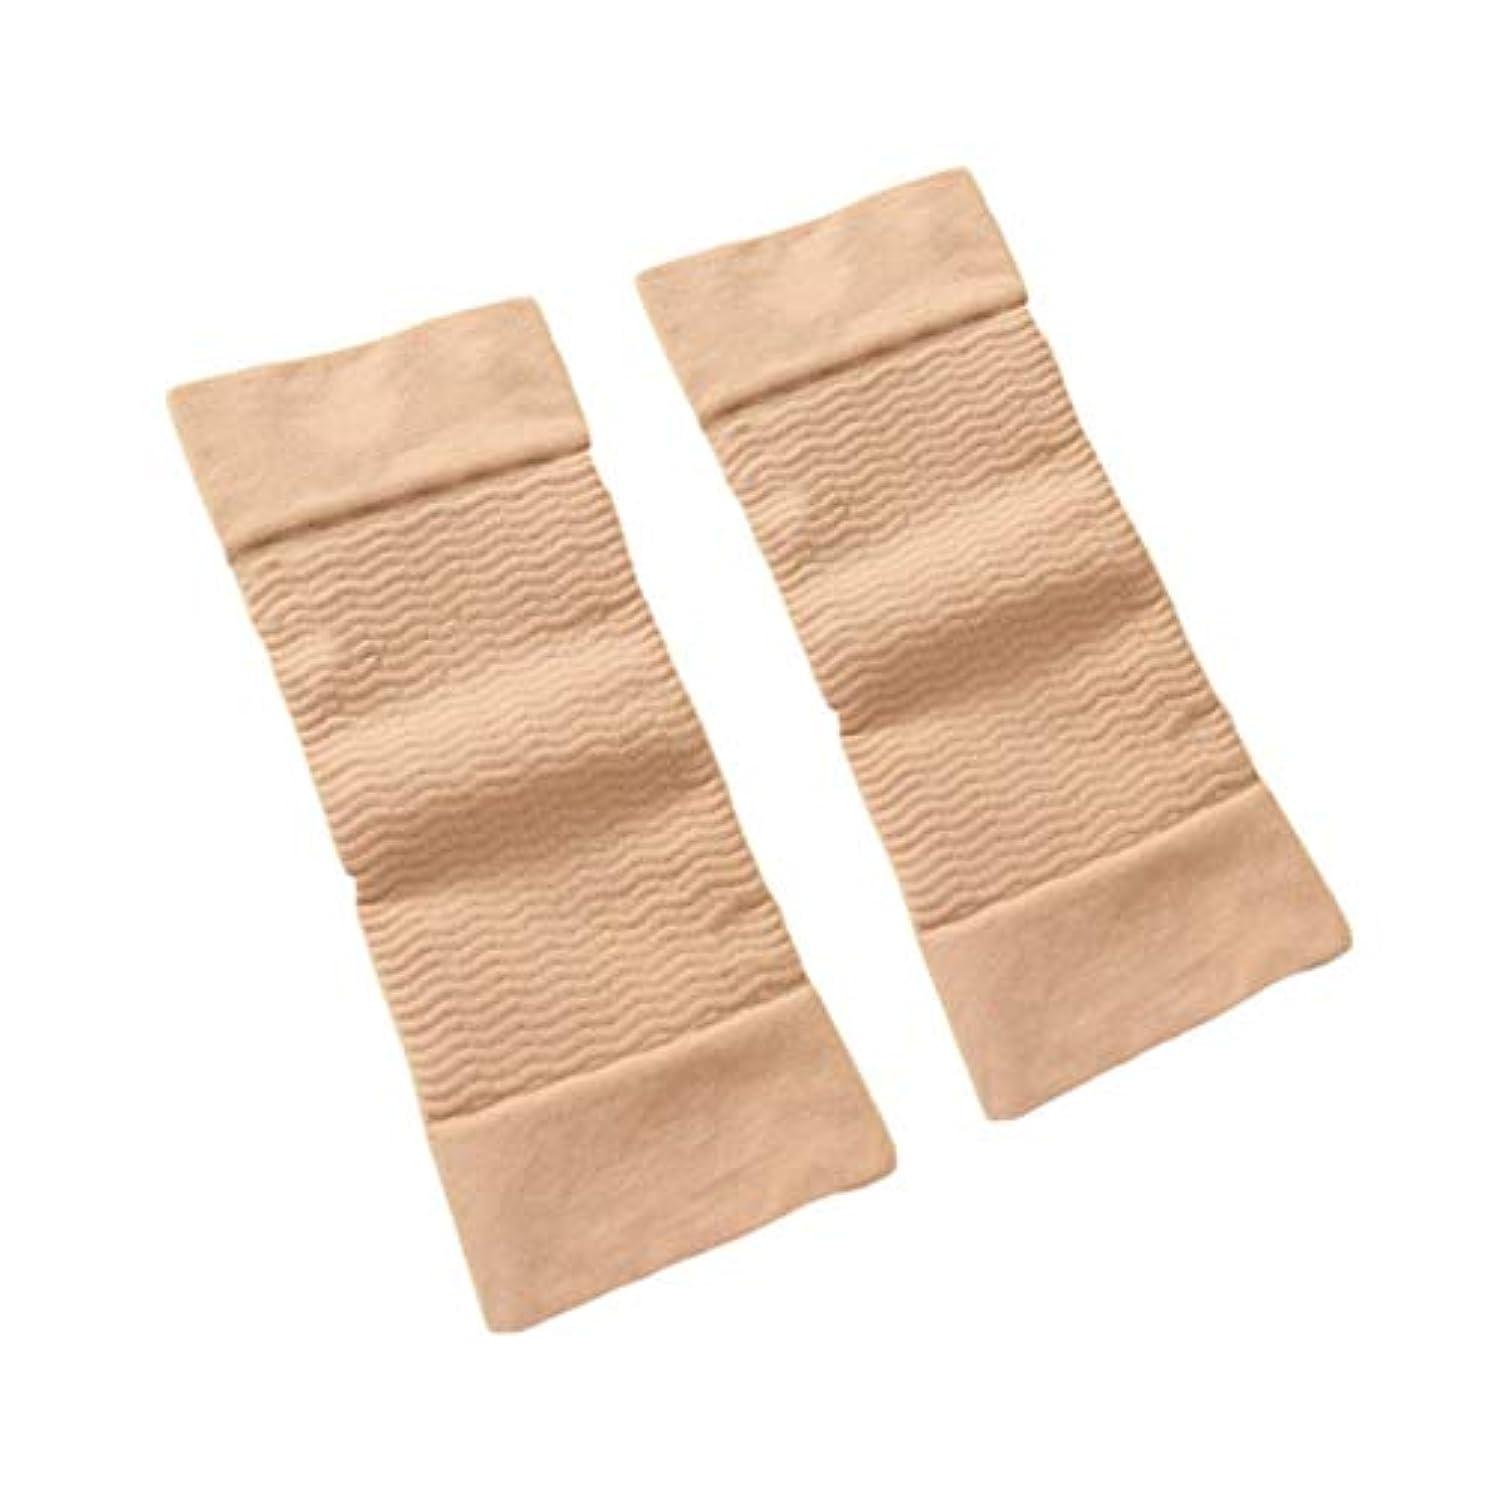 肯定的折り目余剰1ペア420 D圧縮痩身アームスリーブワークアウトトーニングバーンセルライトシェイパー脂肪燃焼袖用女性 - 肌色